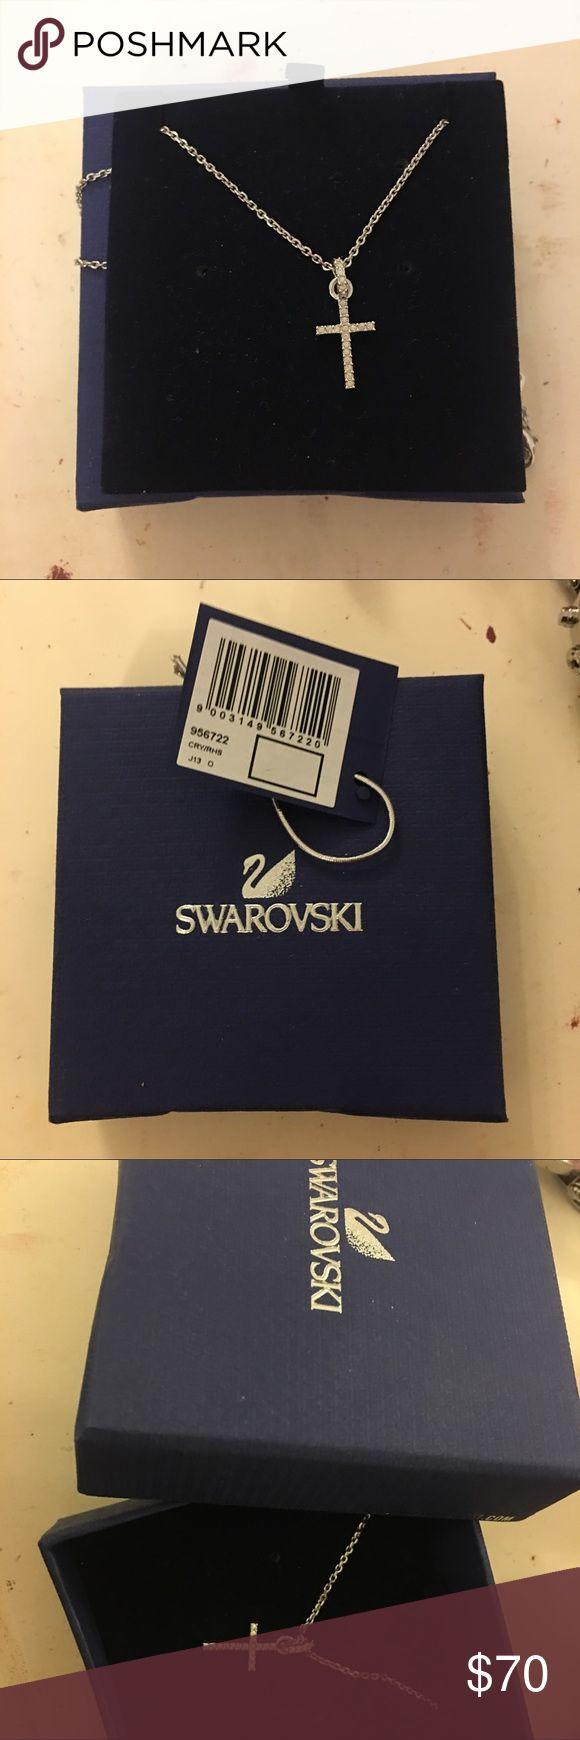 Swarovski diamond cross necklace. BRAND NEW Diamond necklace with a cross. Brand new, box, & tag included. Swarovski Jewelry Necklaces